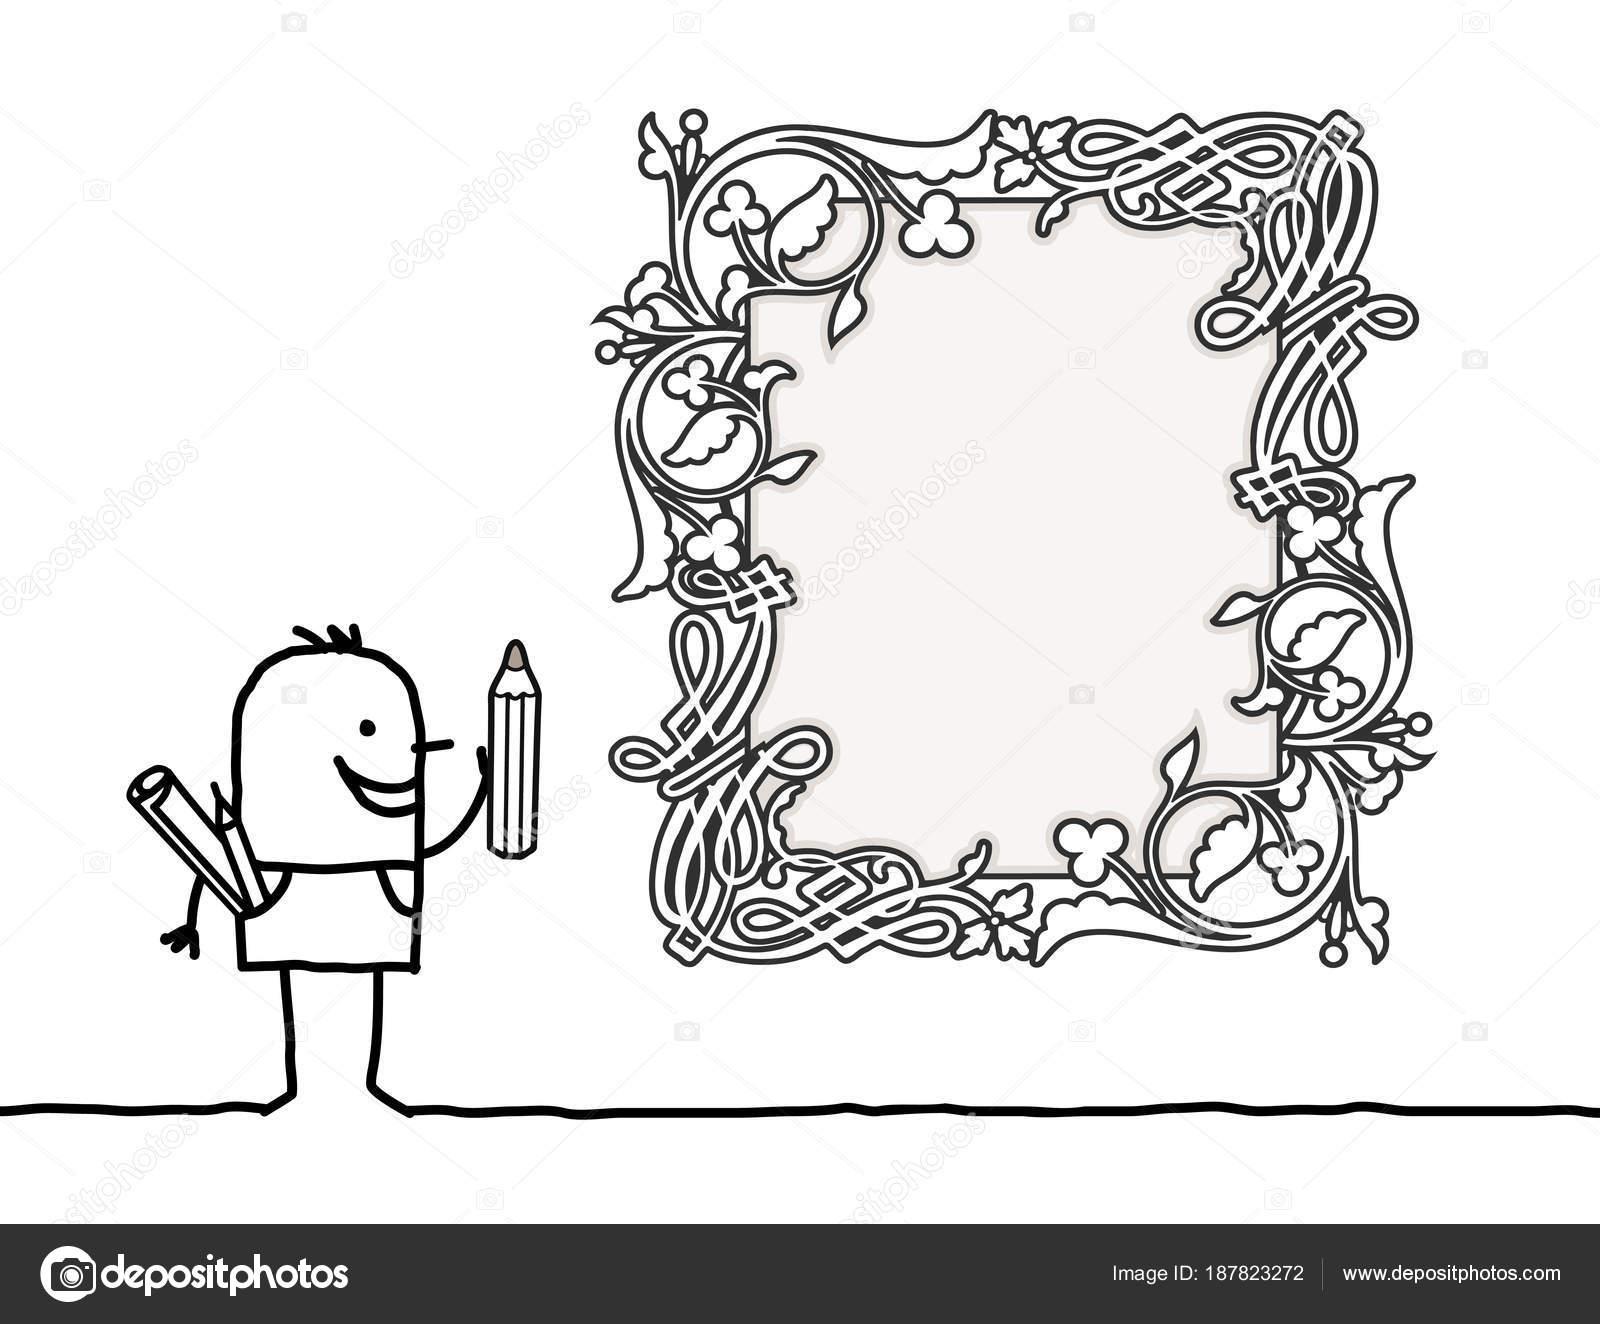 Diseñador de dibujos animados dibujar un marco en blanco estilo ...